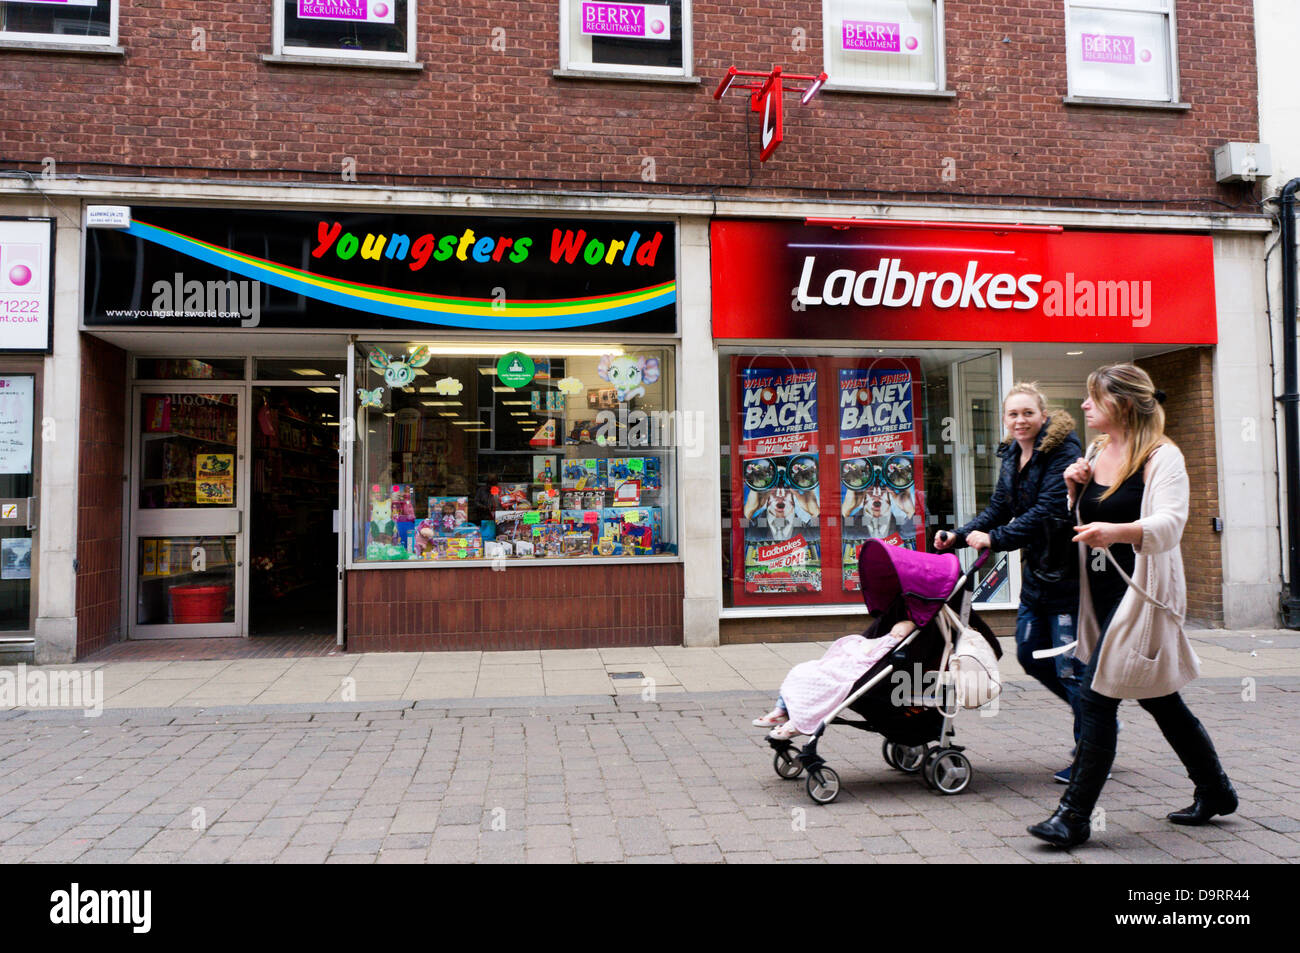 Ladbrokes Stock Photos & Ladbrokes Stock Images - Alamy